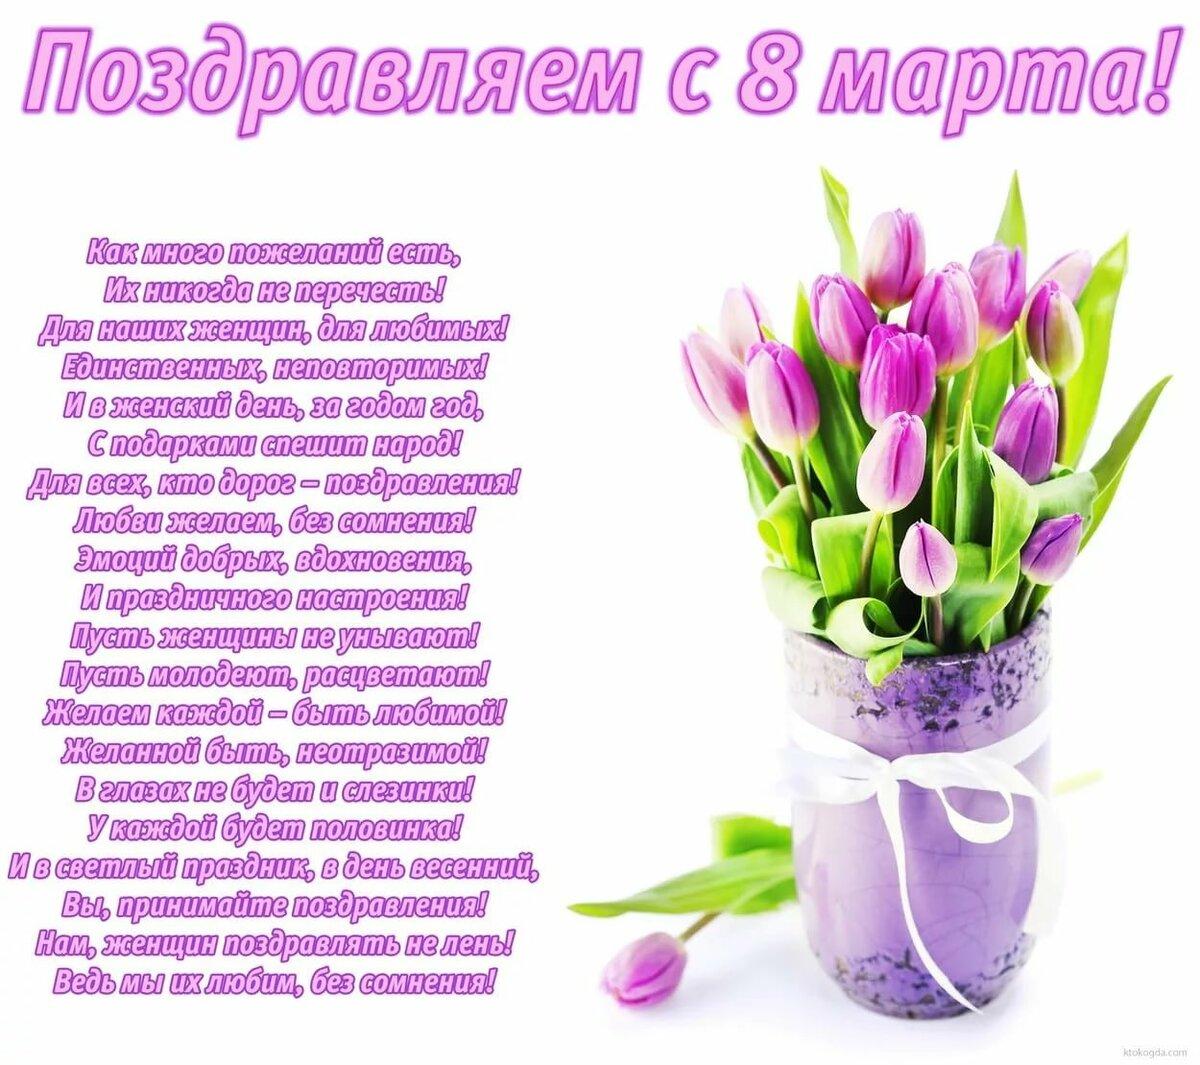 Пограничника картинки, лучшие поздравительные открытки с 8 марта